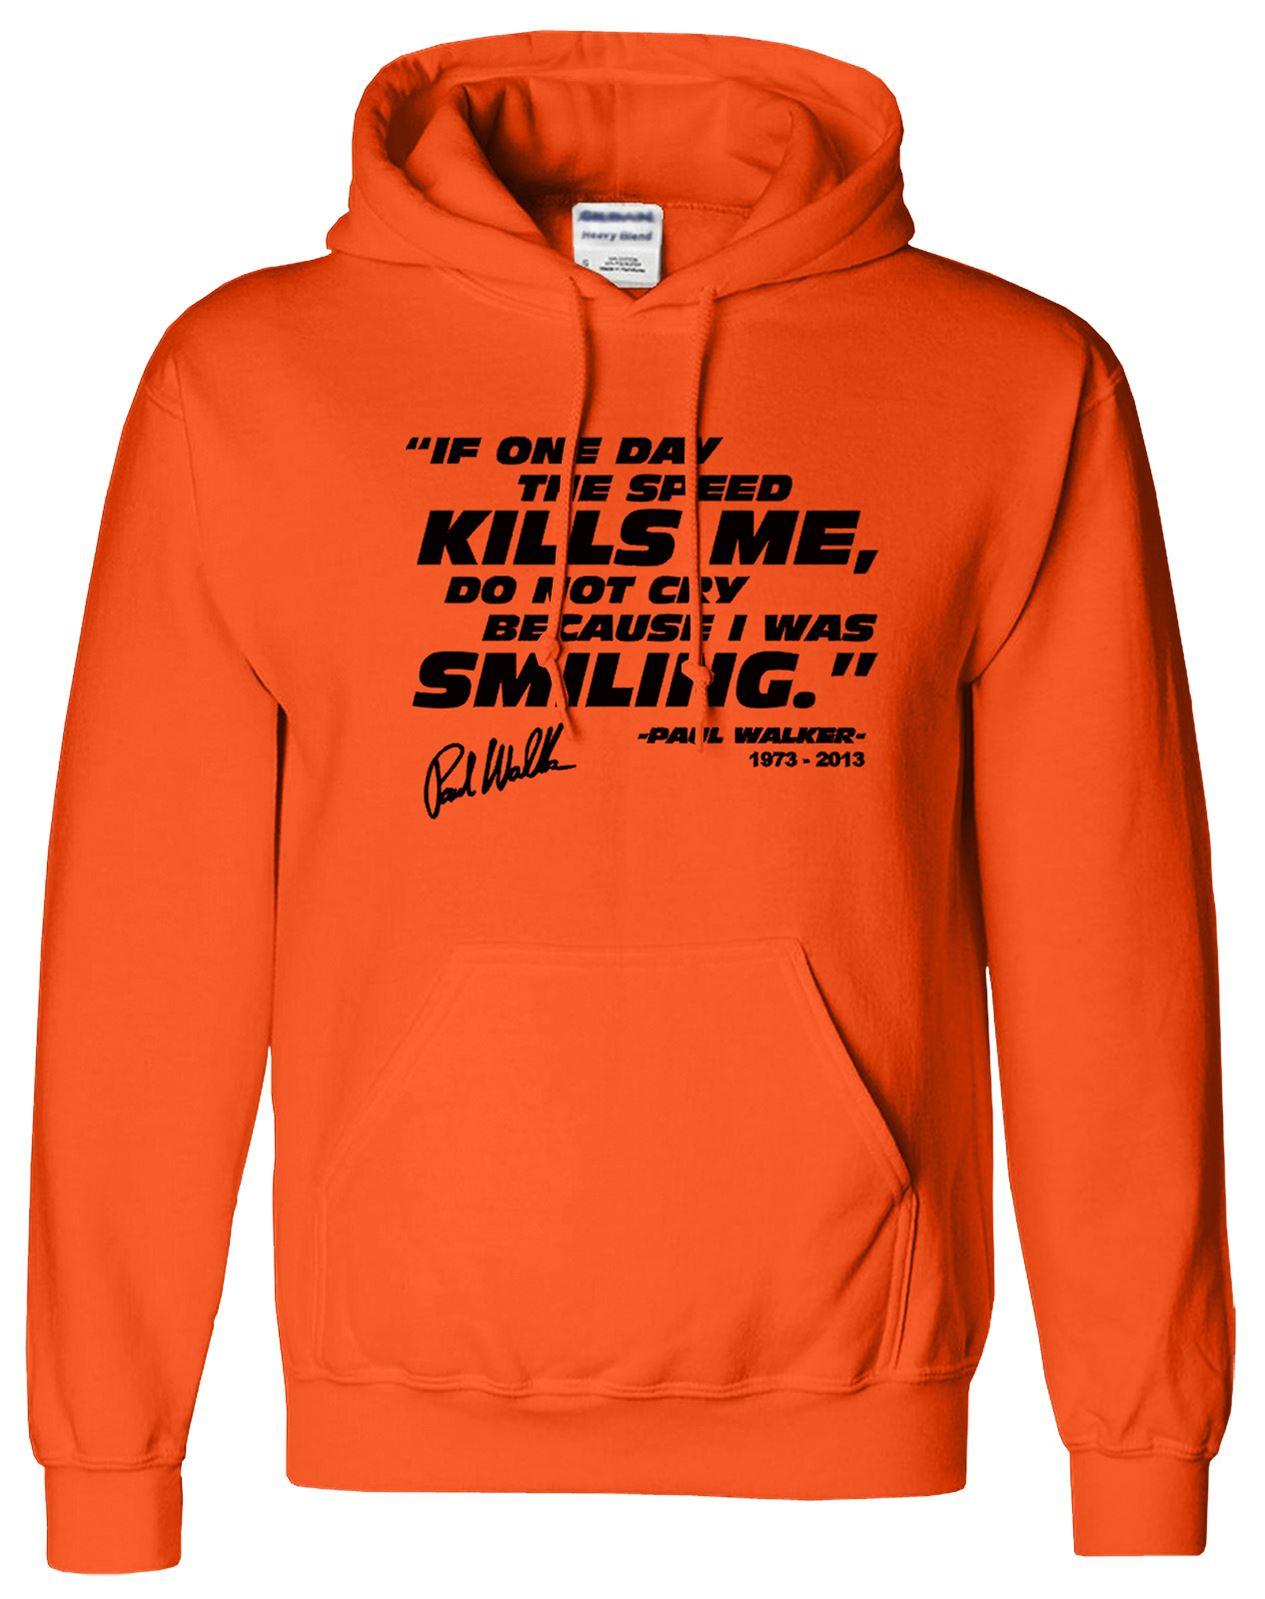 Paul Walker Uomo veloce e farious Quotes Pullover Top Maglione Sweat Felpa con Cappuccio